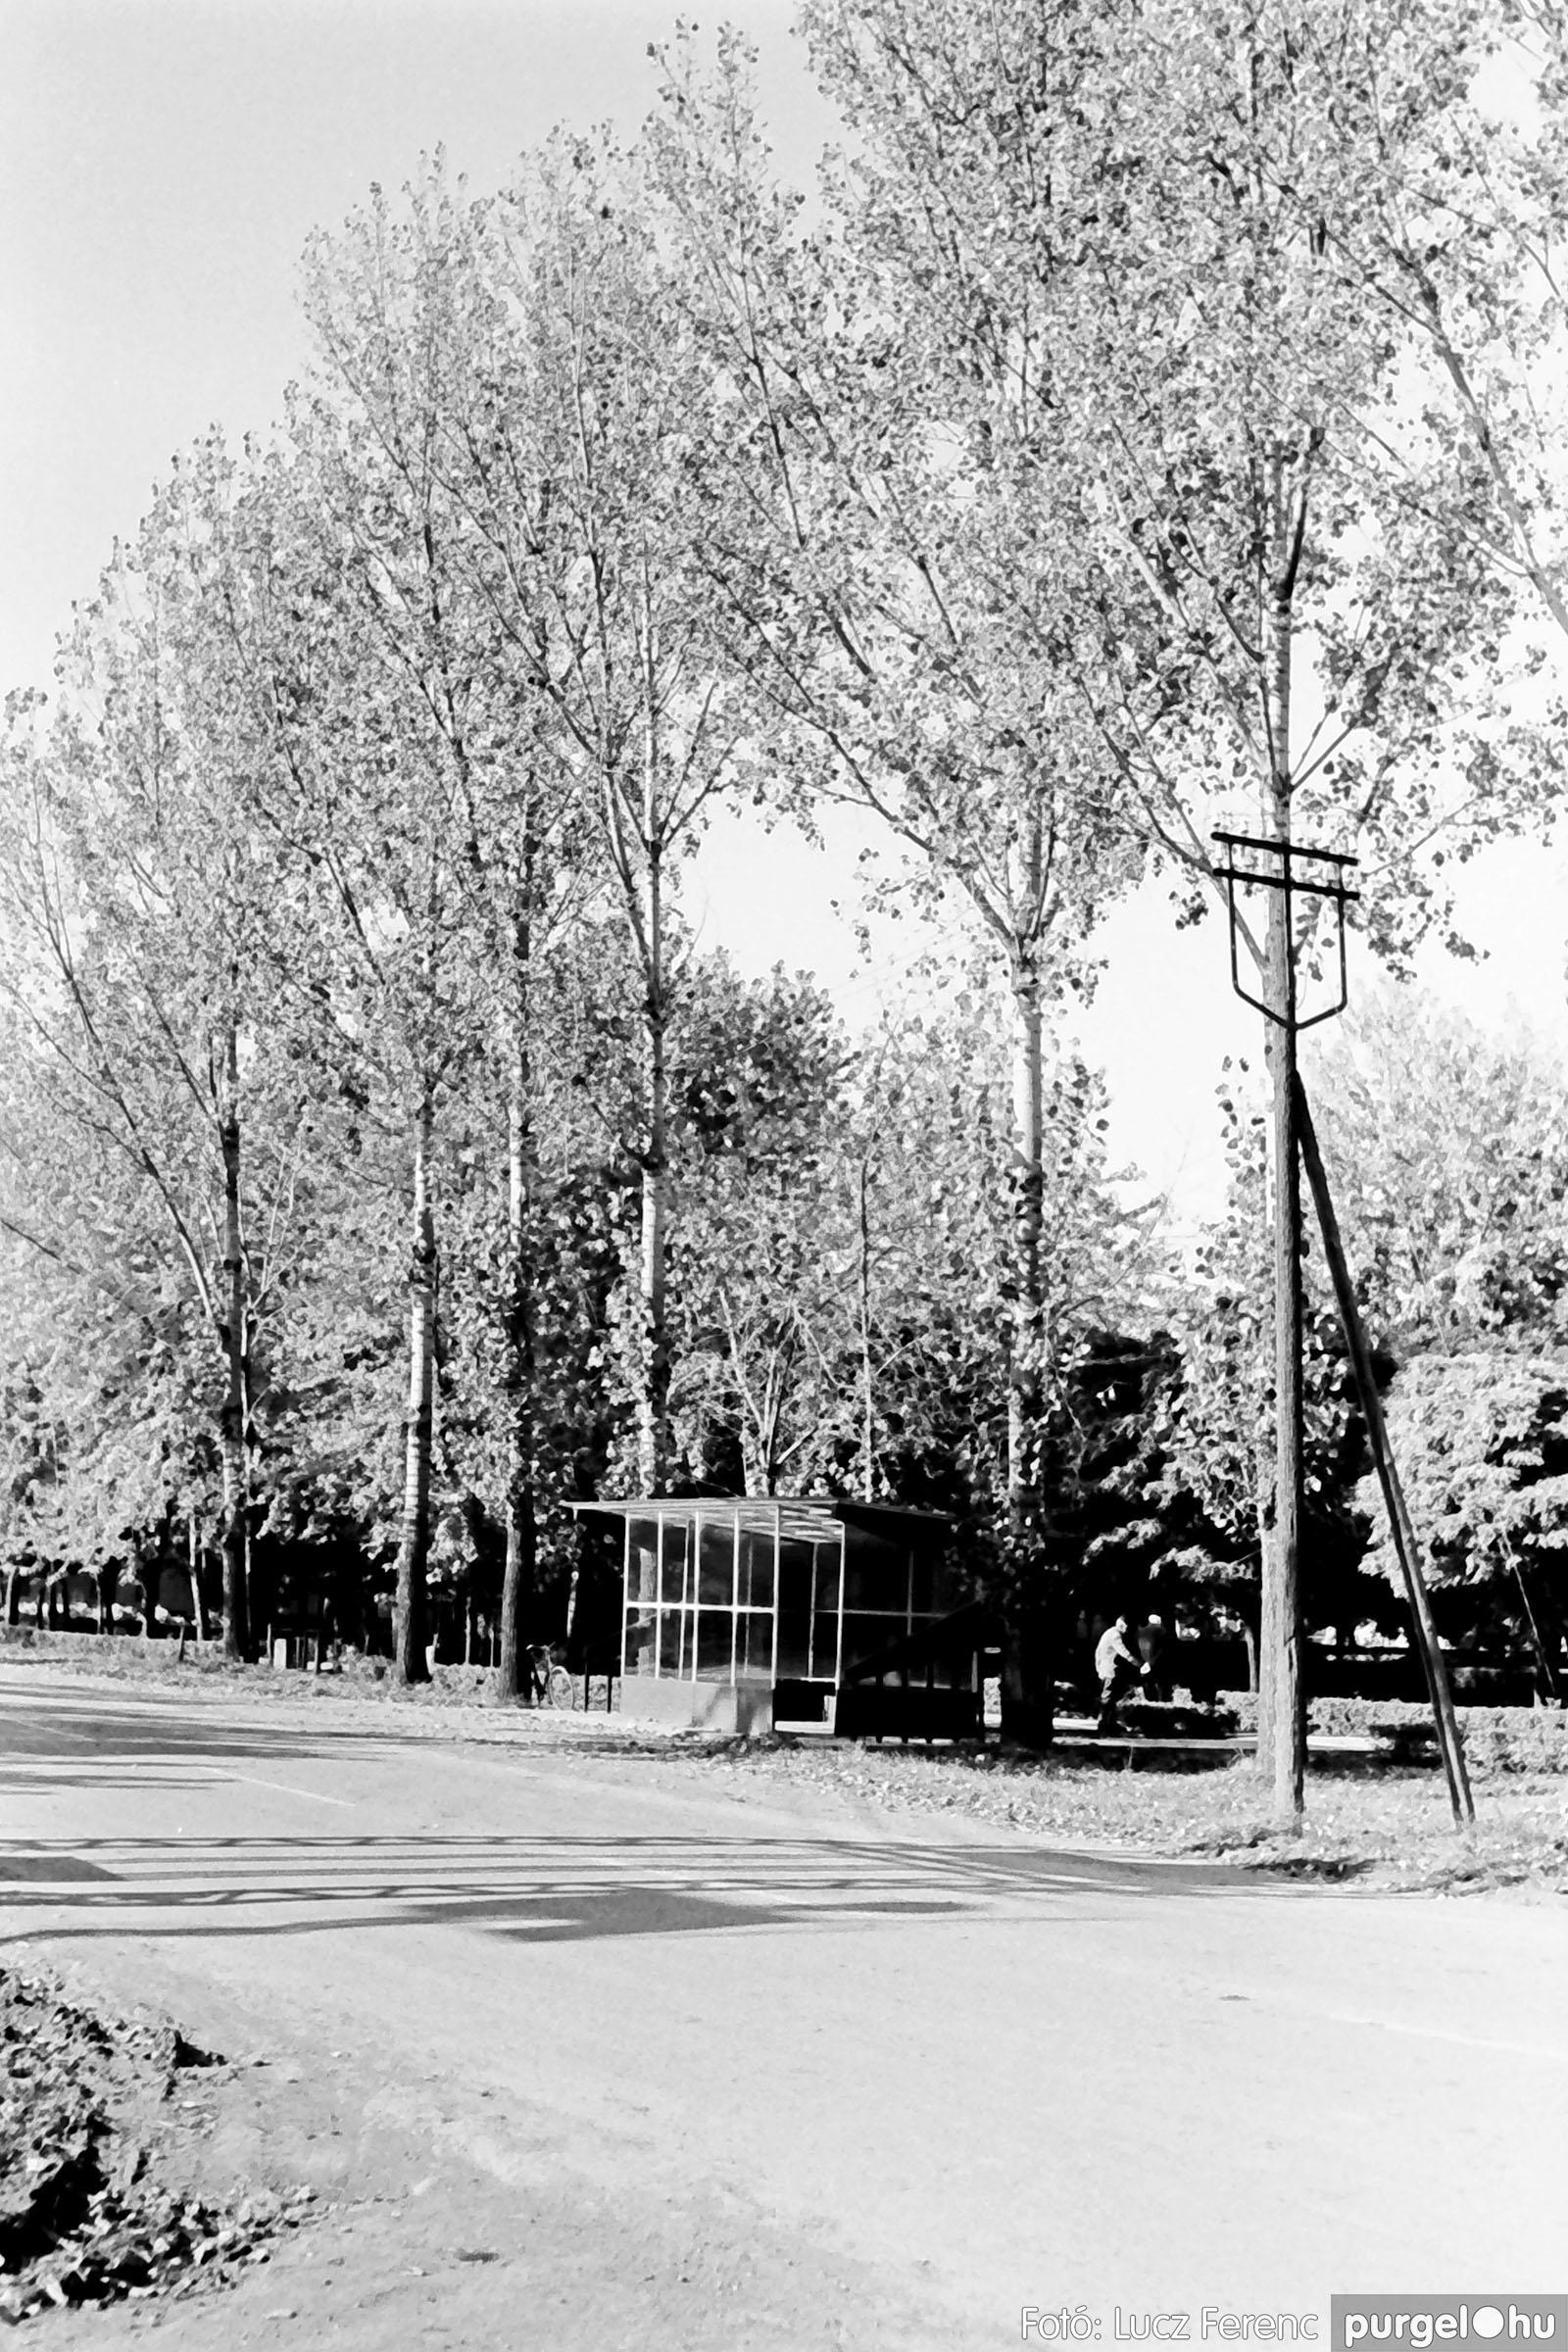 022 1975. Kurca, faluközpont, sportpálya 003 - Fotó: Lucz Ferenc .jpg